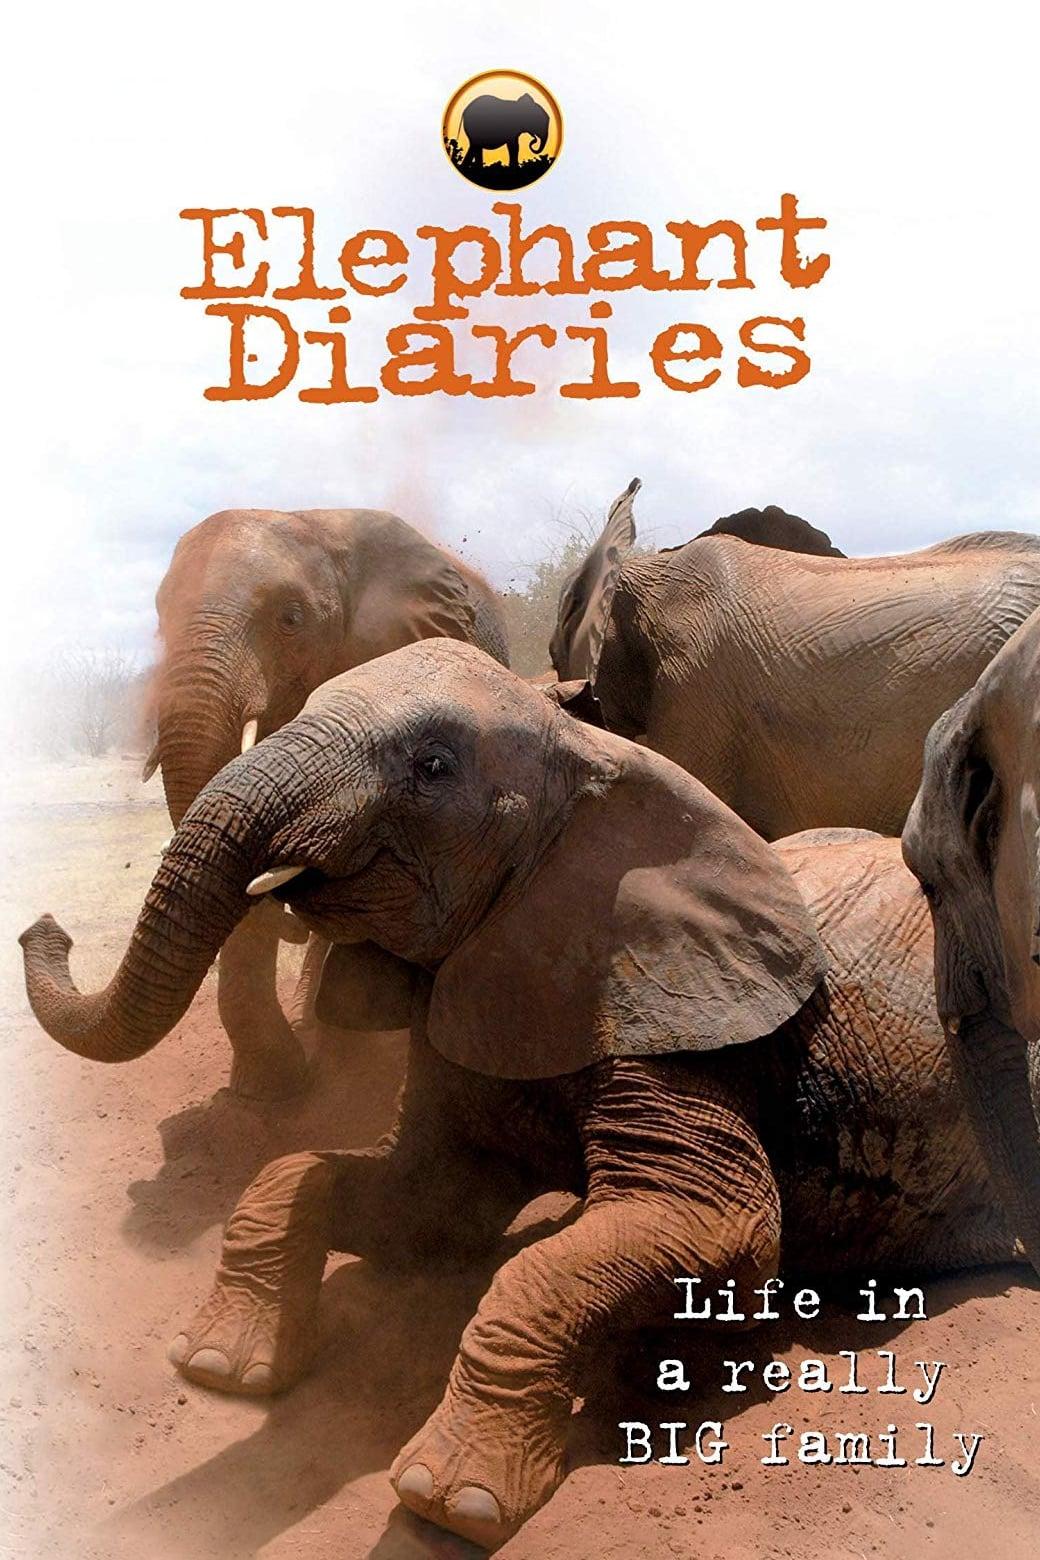 Elephant Diaries (2005)